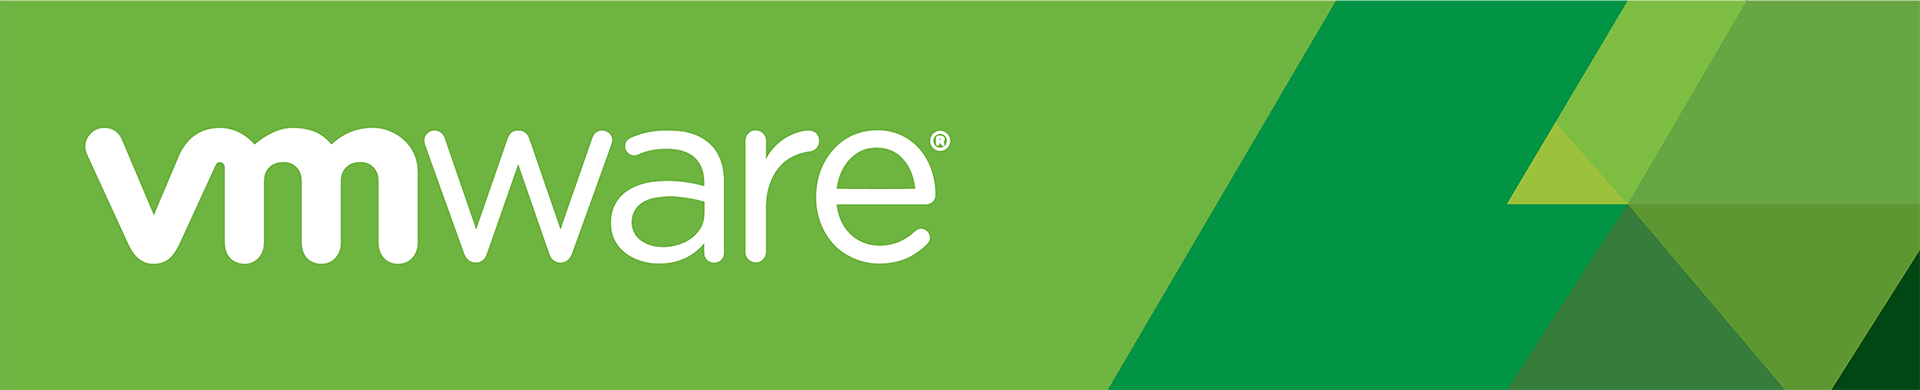 VMware | Cordicate IT